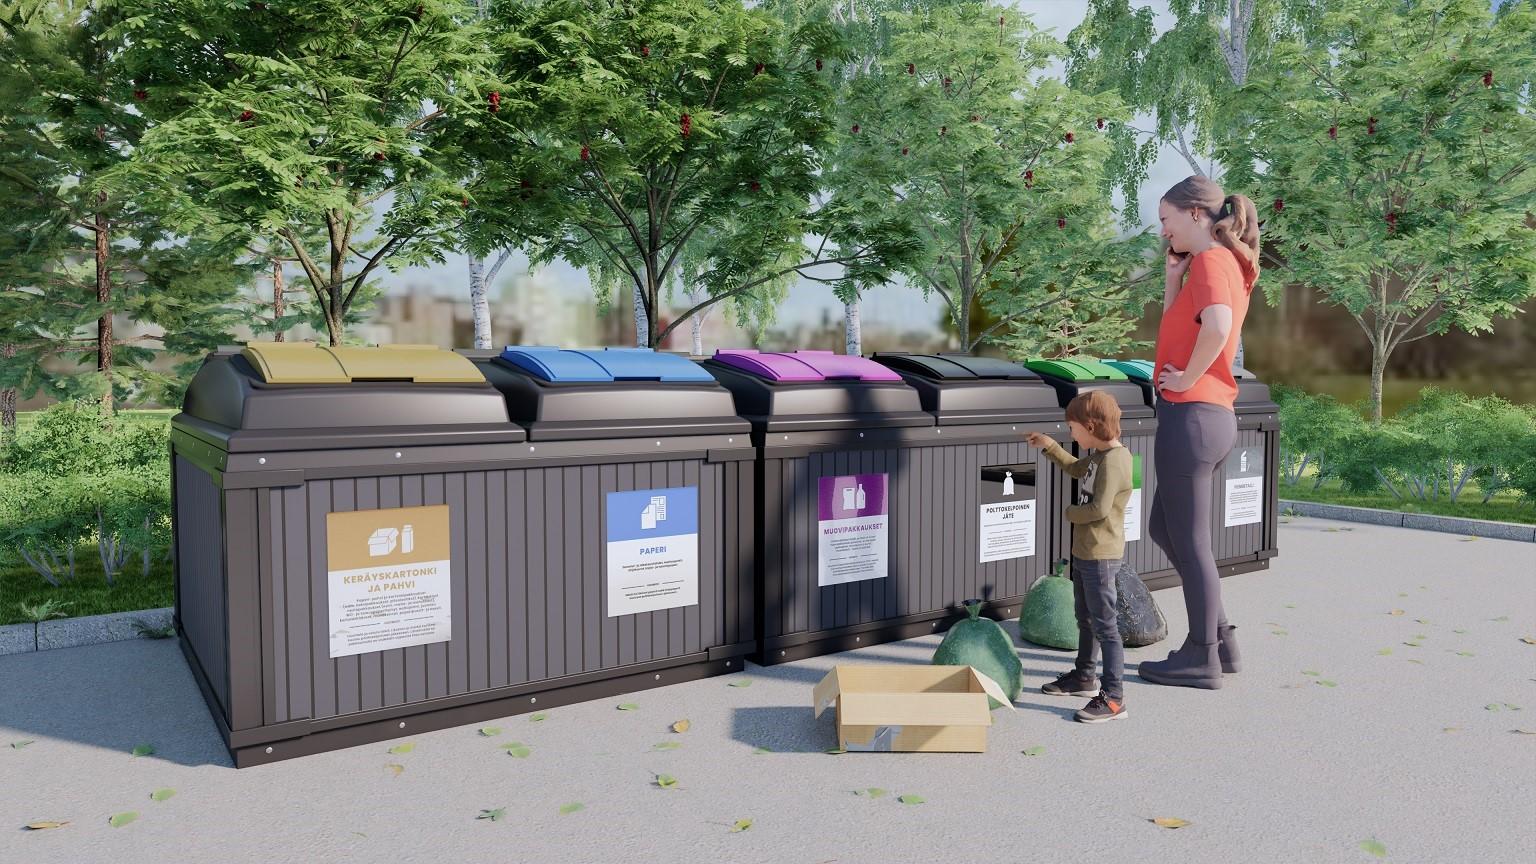 Kuvassa aikuinen ja lapsi tuovat keräsysastioihin lajittelemiaan jätteitä.